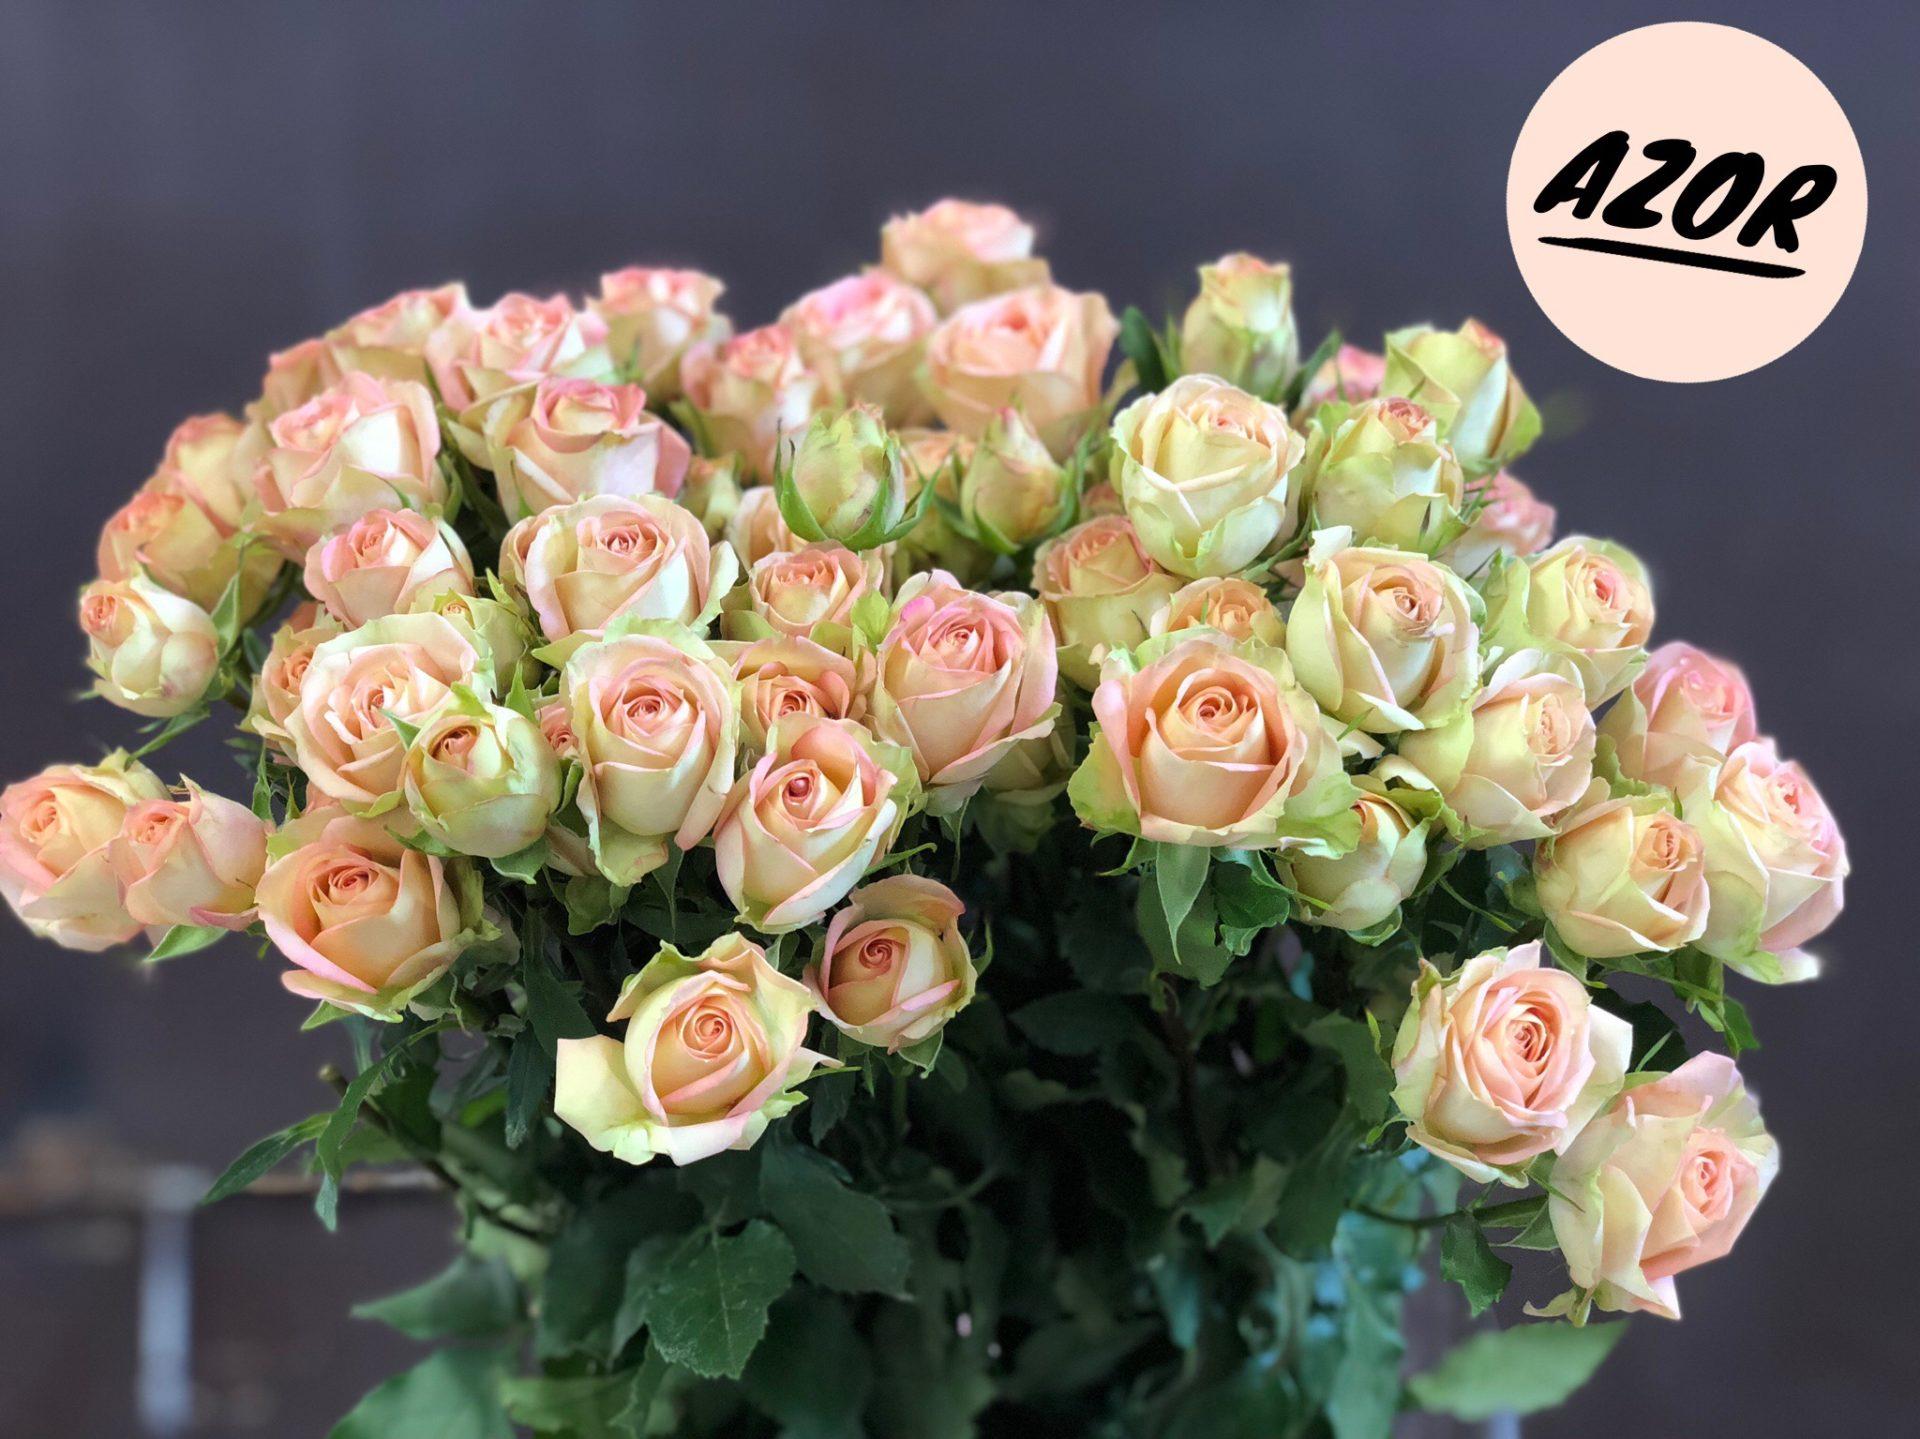 Роза Азор изображение 1